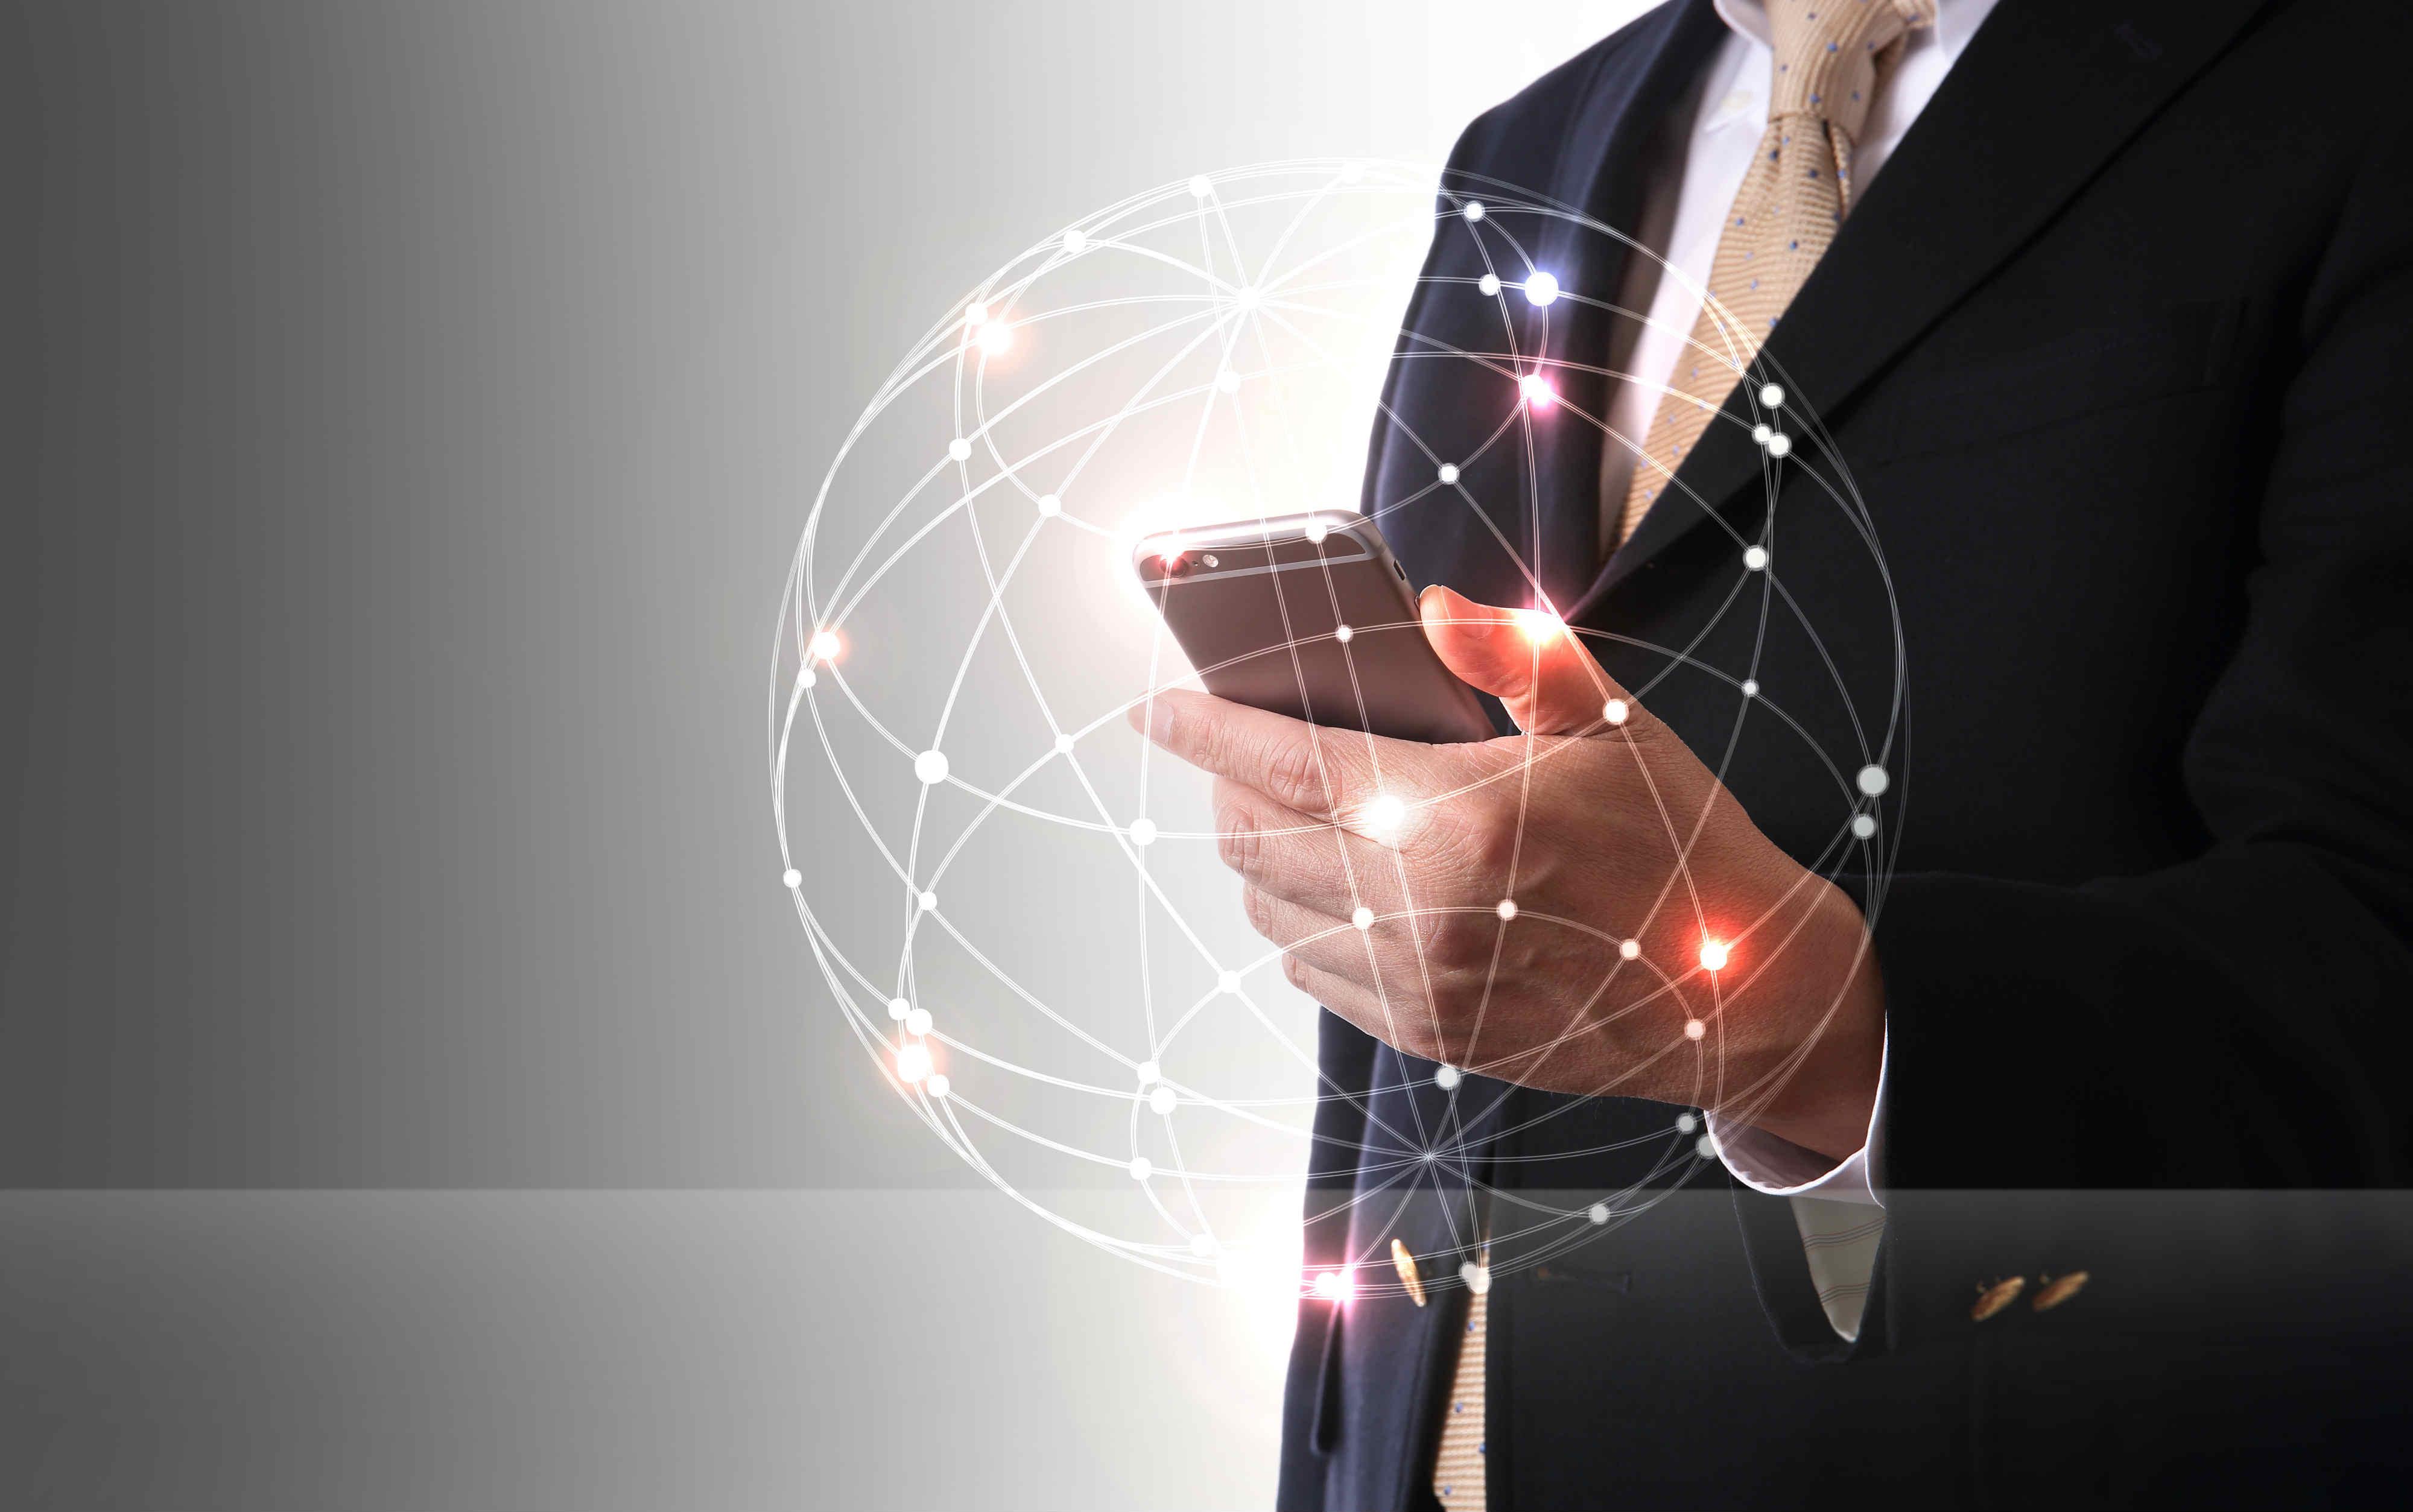 auからドコモへの携帯乗り換え(MNP)でデータシェアはお得?